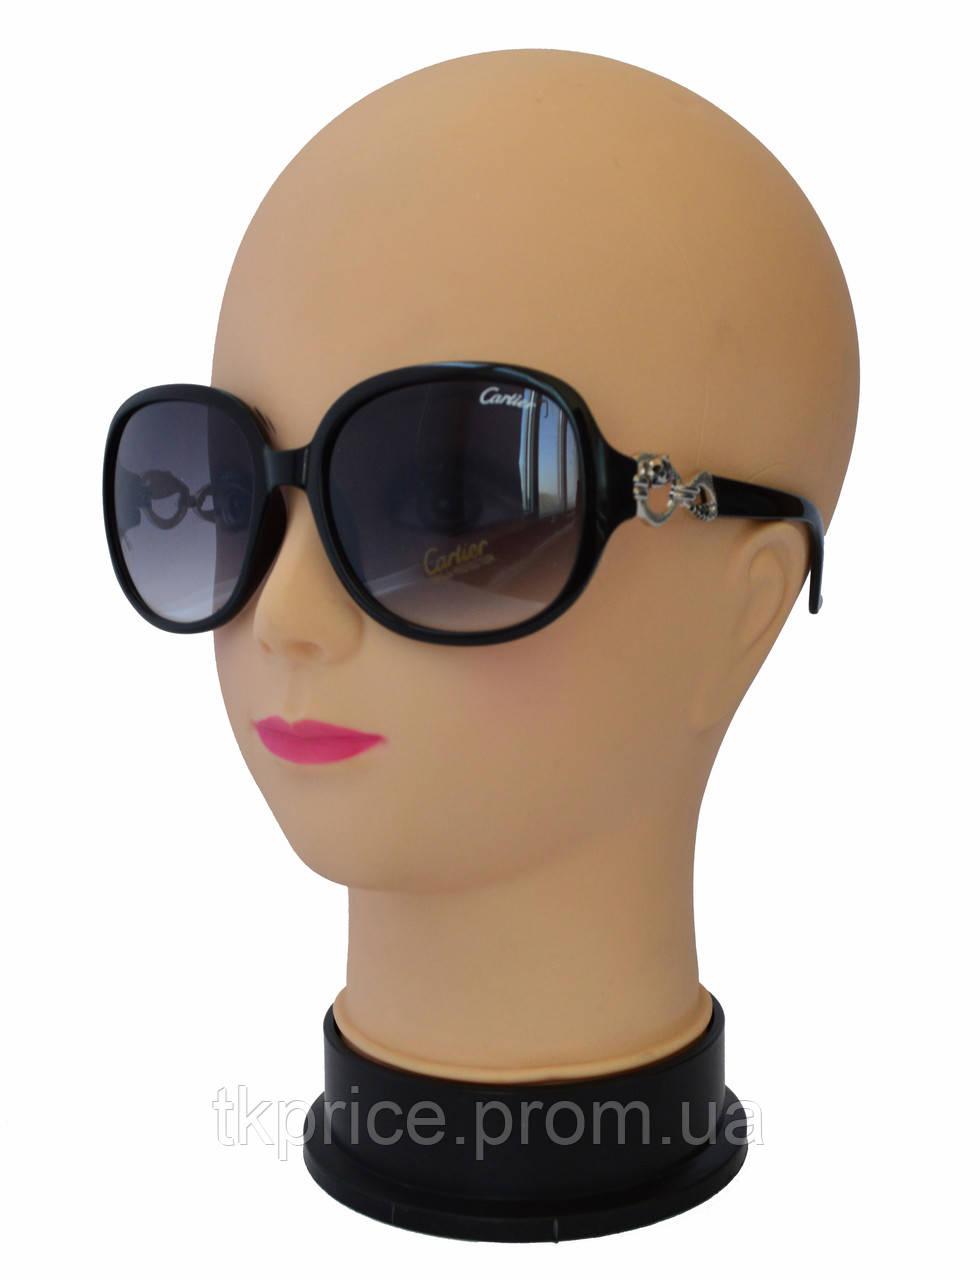 Женские солнцезащитные очки качественная реплика Cartier